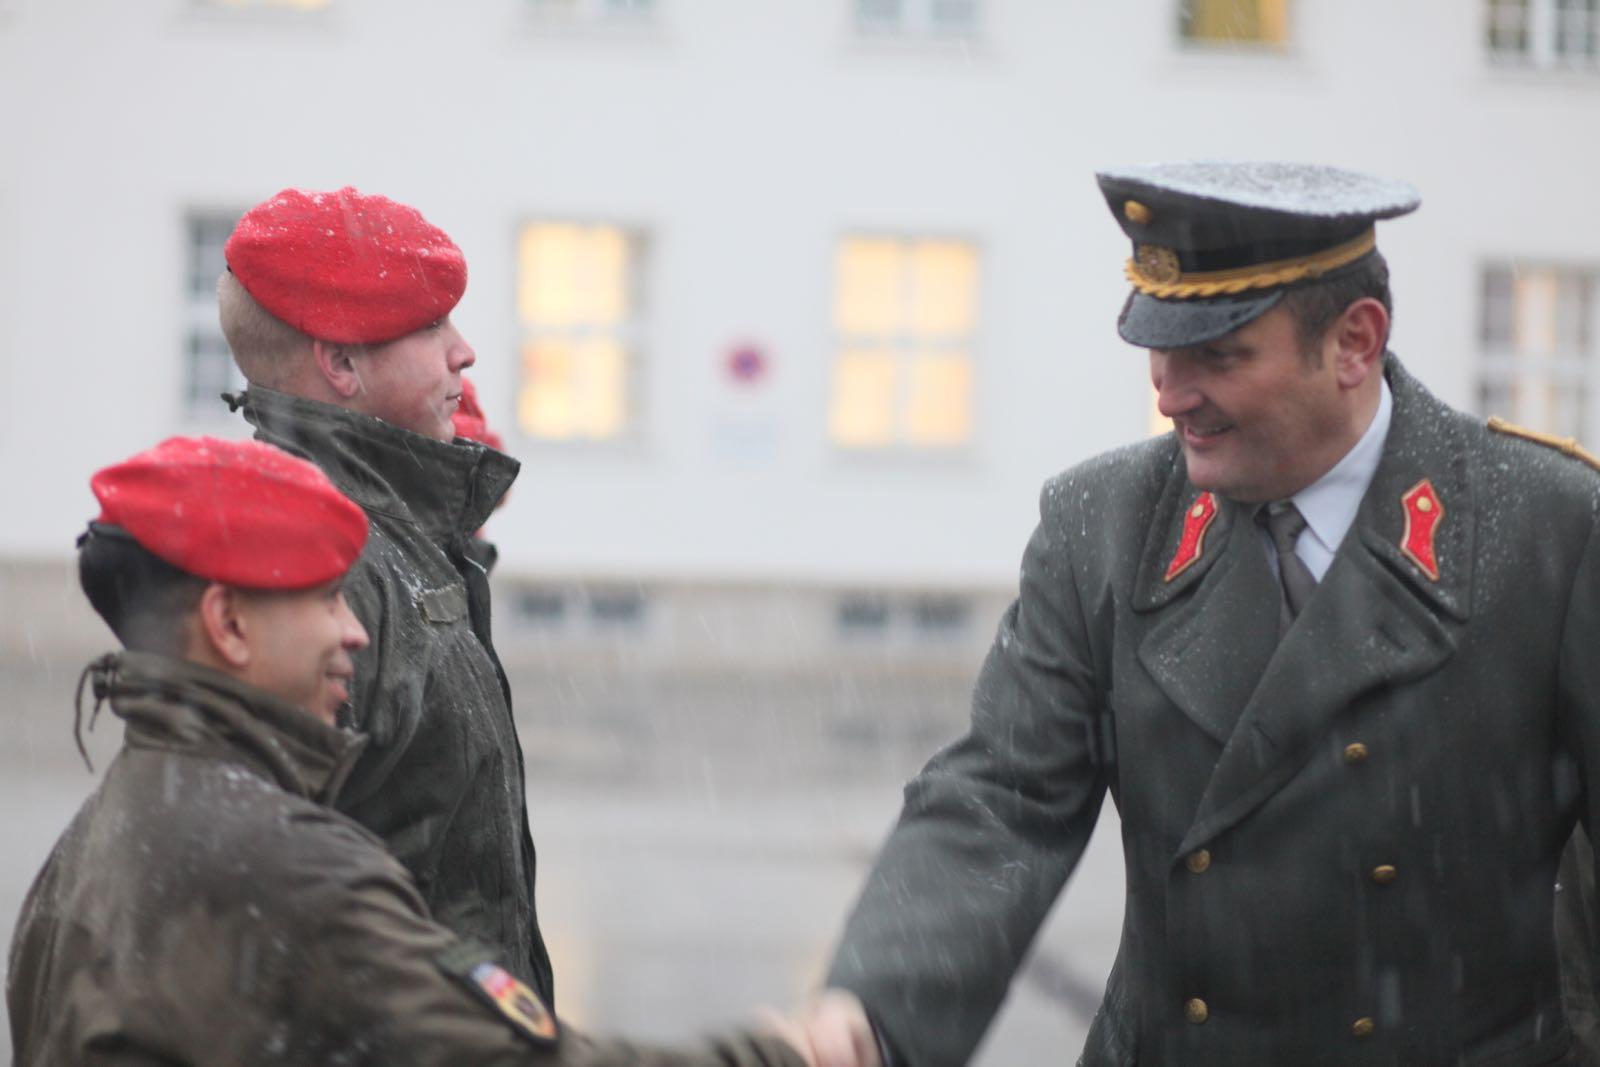 2019_01_18_5Gardekompanie_EVB_EUFOR_Verabschiedung_Einsatz - 24 of 24